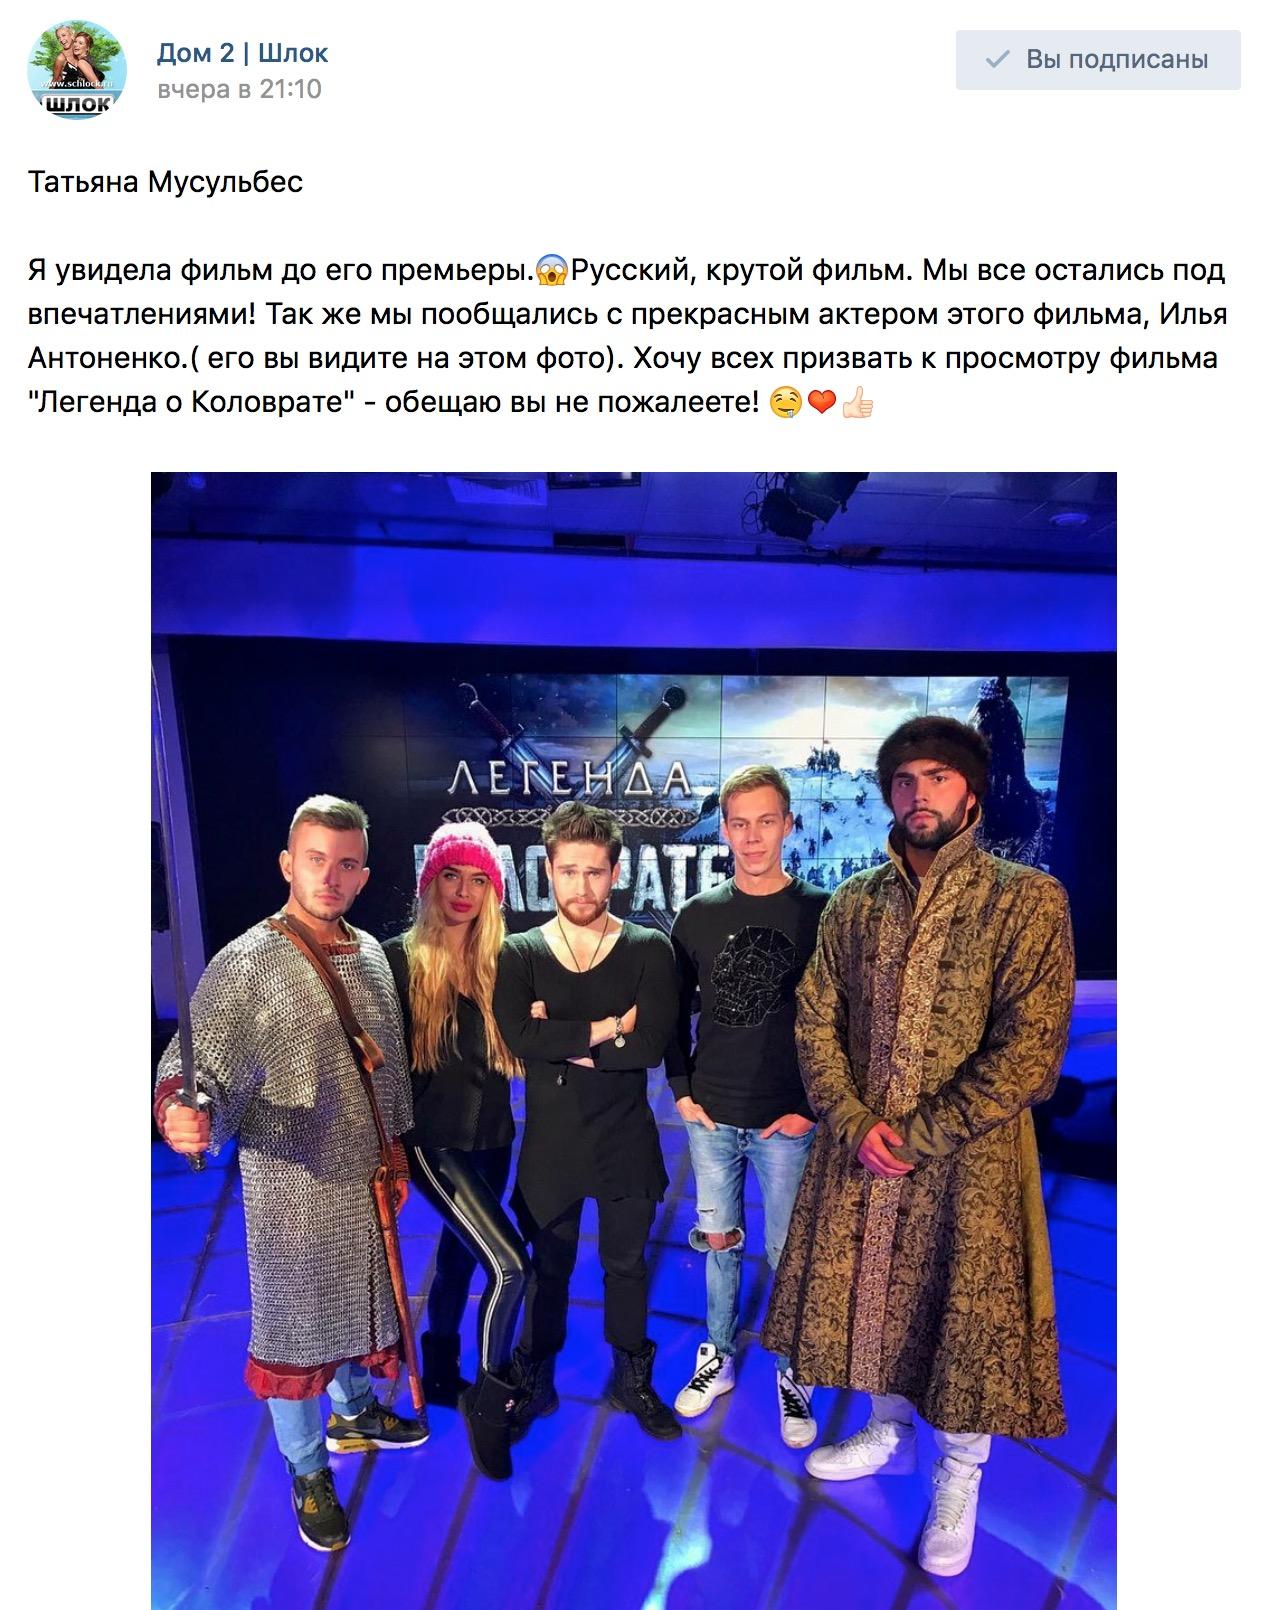 Русский, крутой фильм